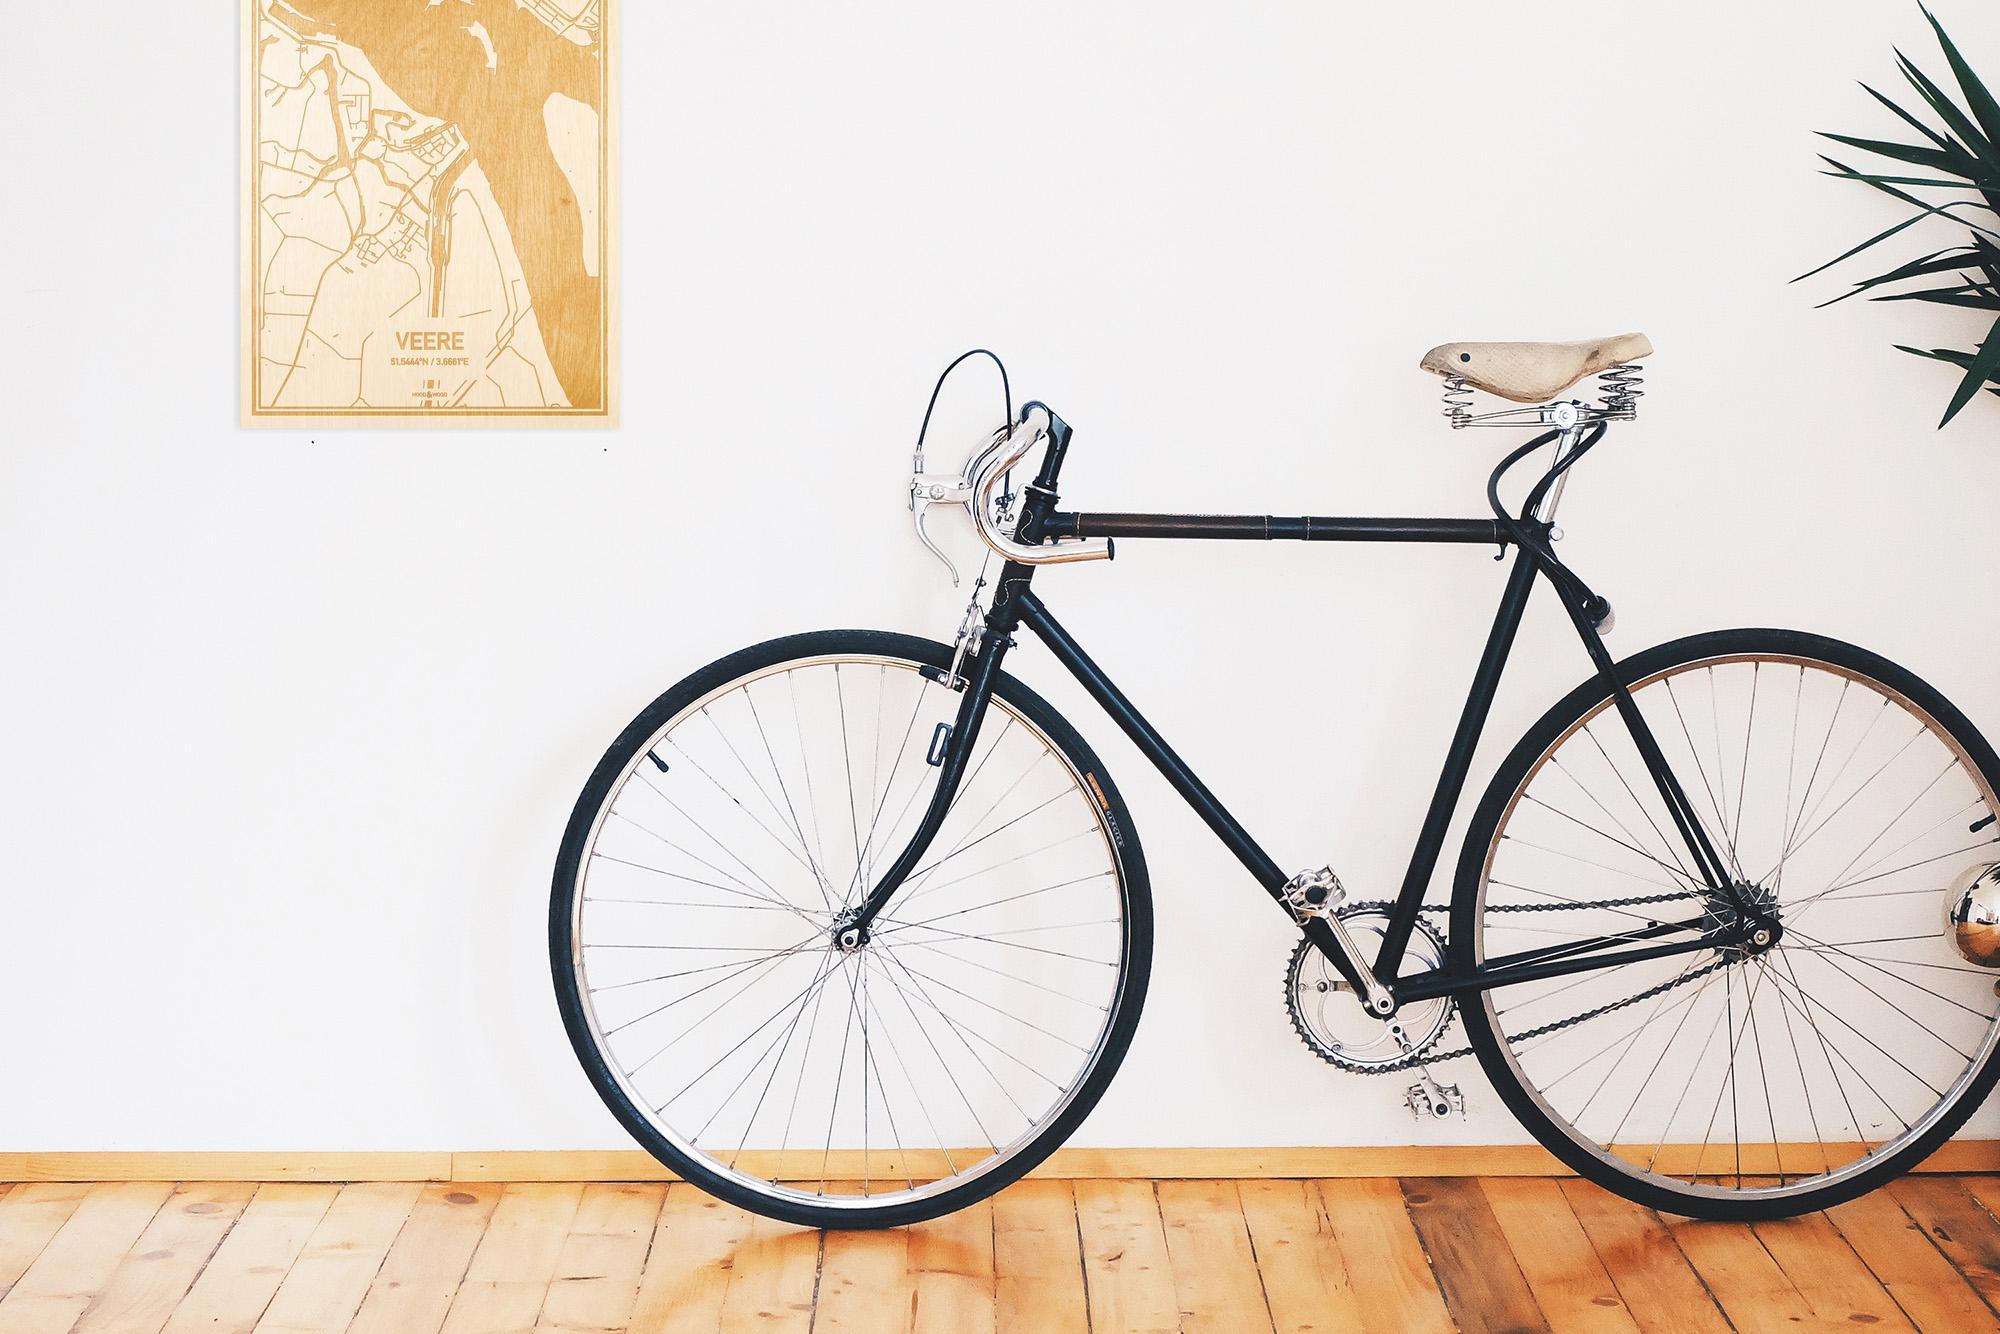 Een snelle fiets in een uniek interieur in Zeeland met mooie decoratie zoals de plattegrond Veere.